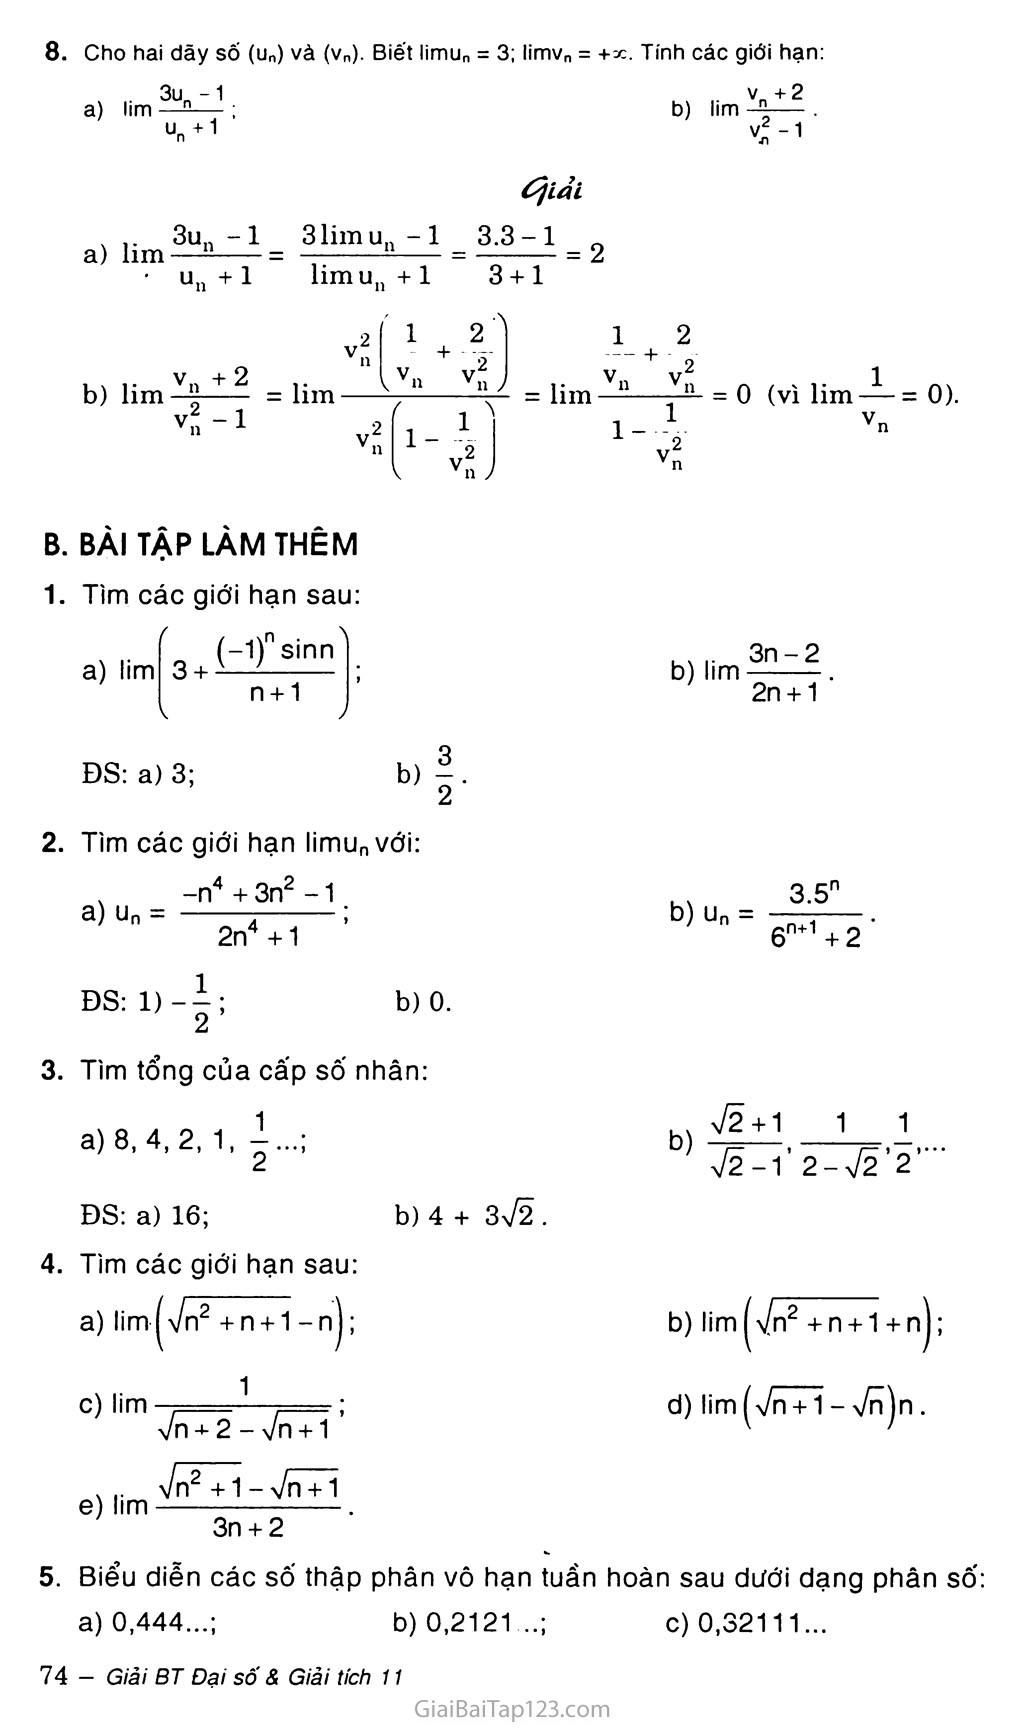 Bài 1. Giới hạn của dãy số trang 6